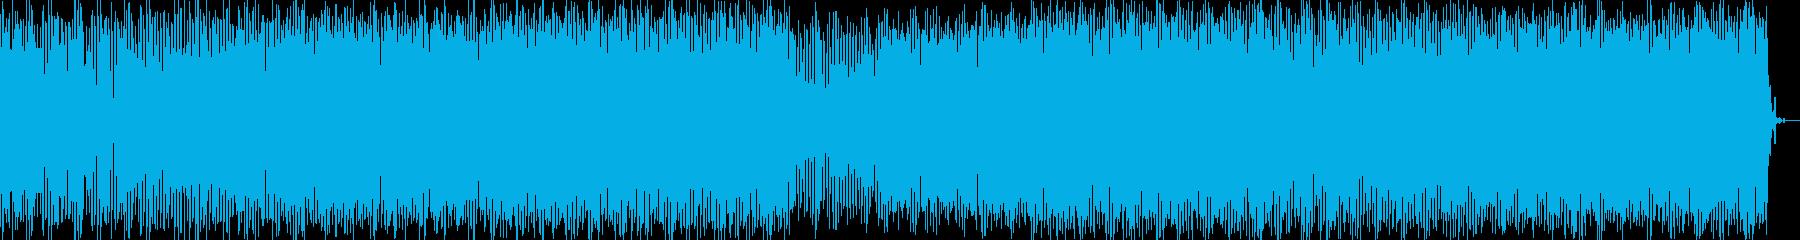 プログレッシブハウス。バックグラウ...の再生済みの波形